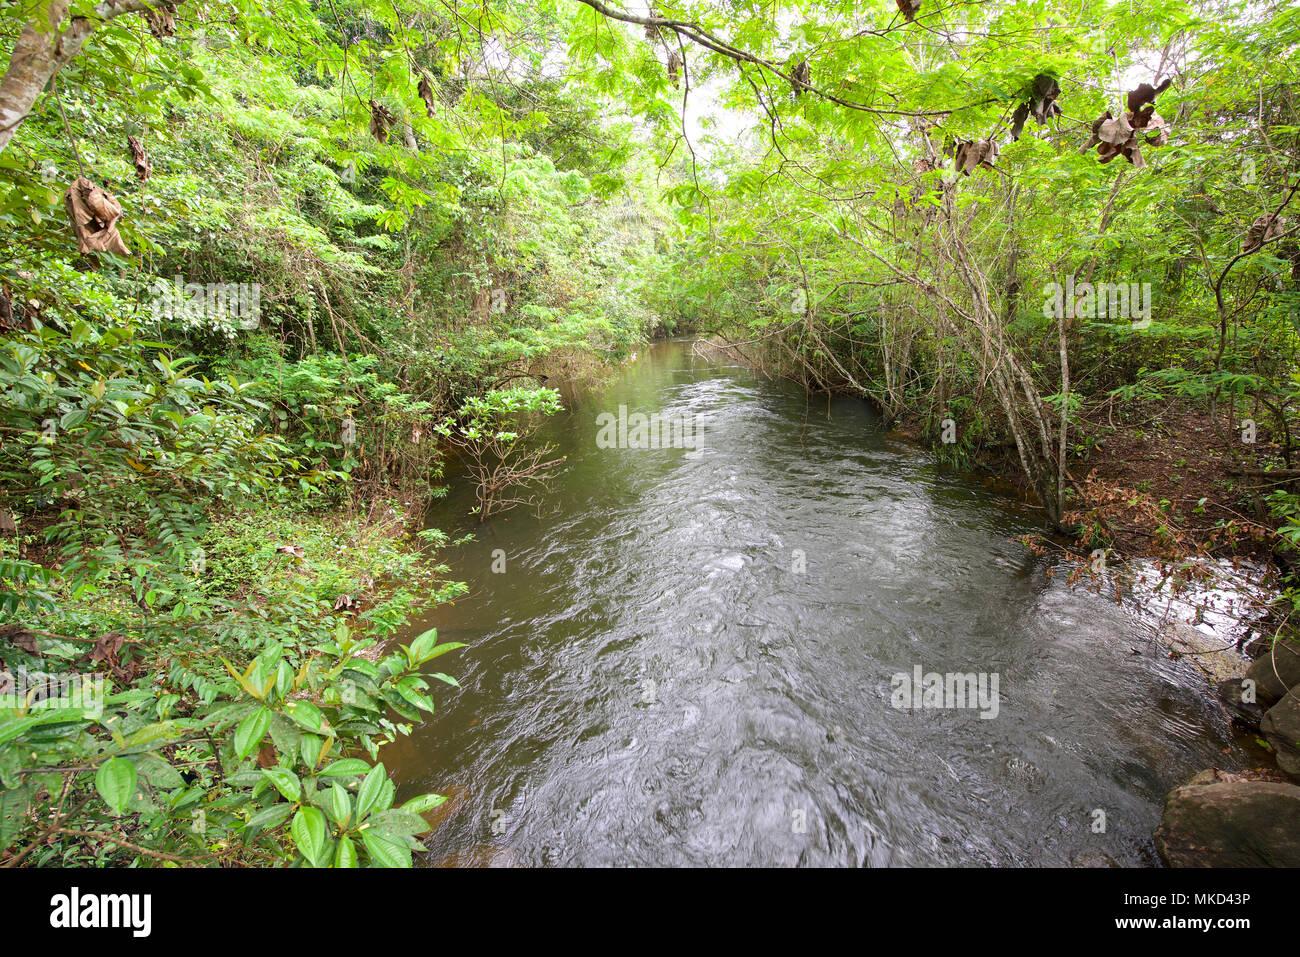 Prime habitat of Atelopus toads., rainforest stream, Suriname - Stock Image